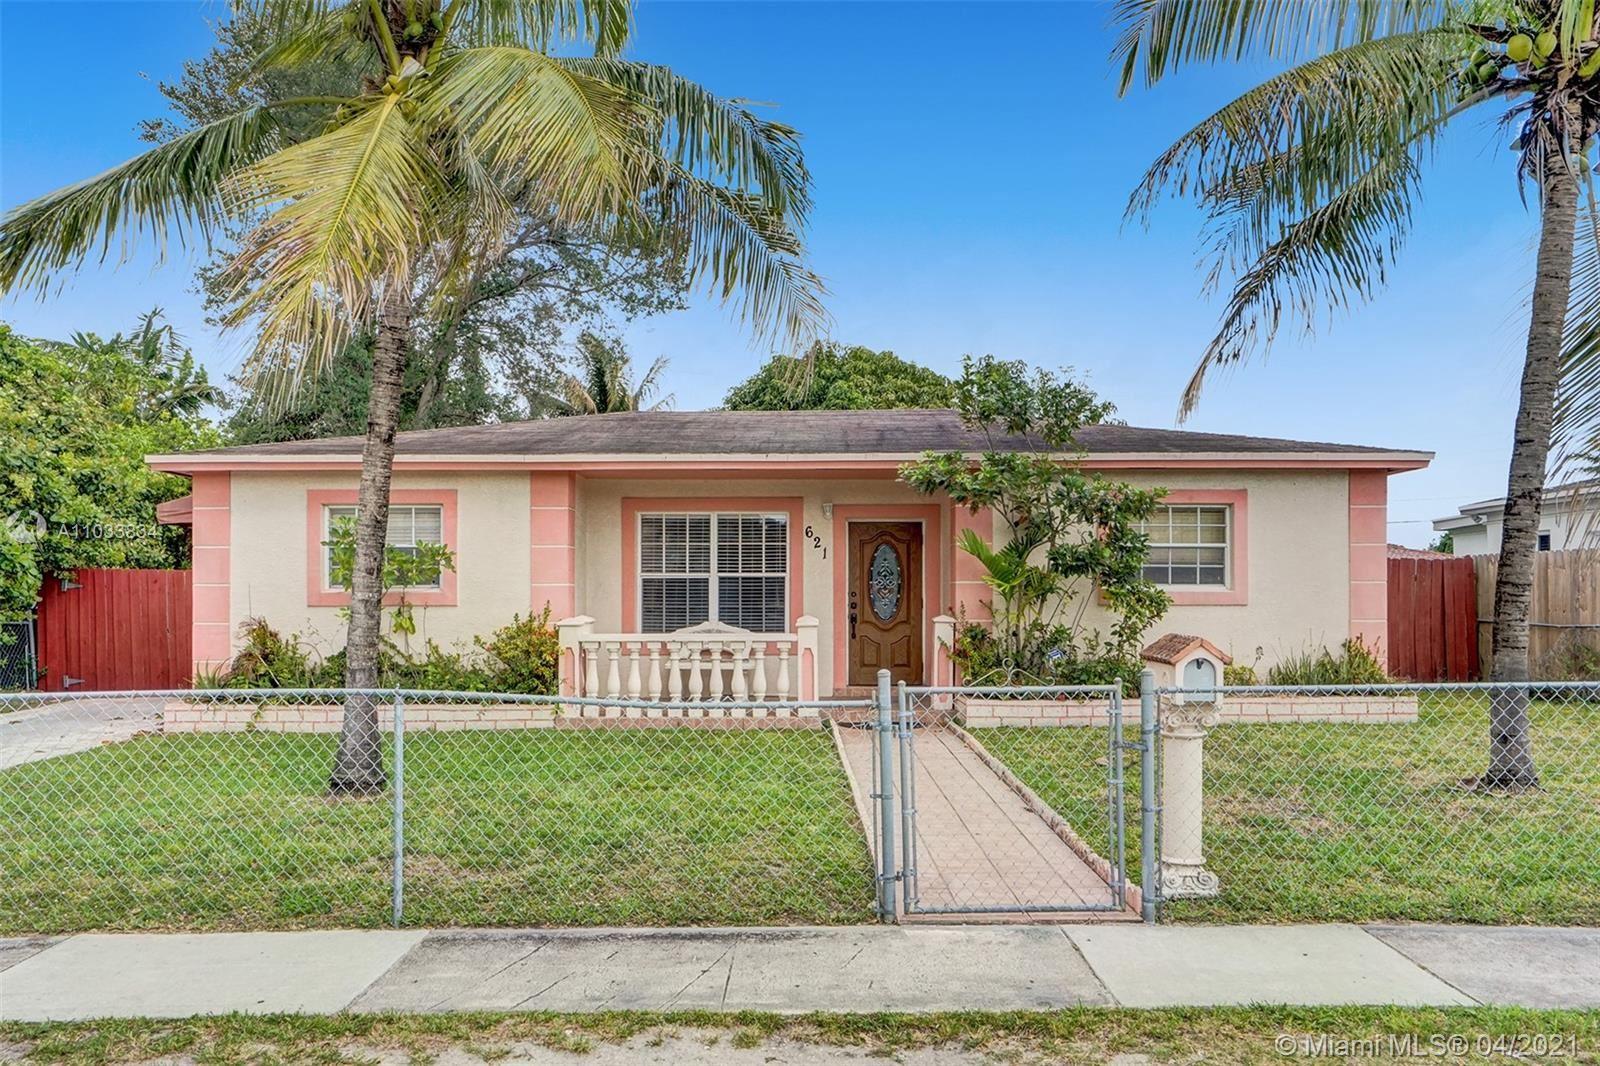 621 NE 168th St, North Miami Beach, FL 33162 - #: A11033834